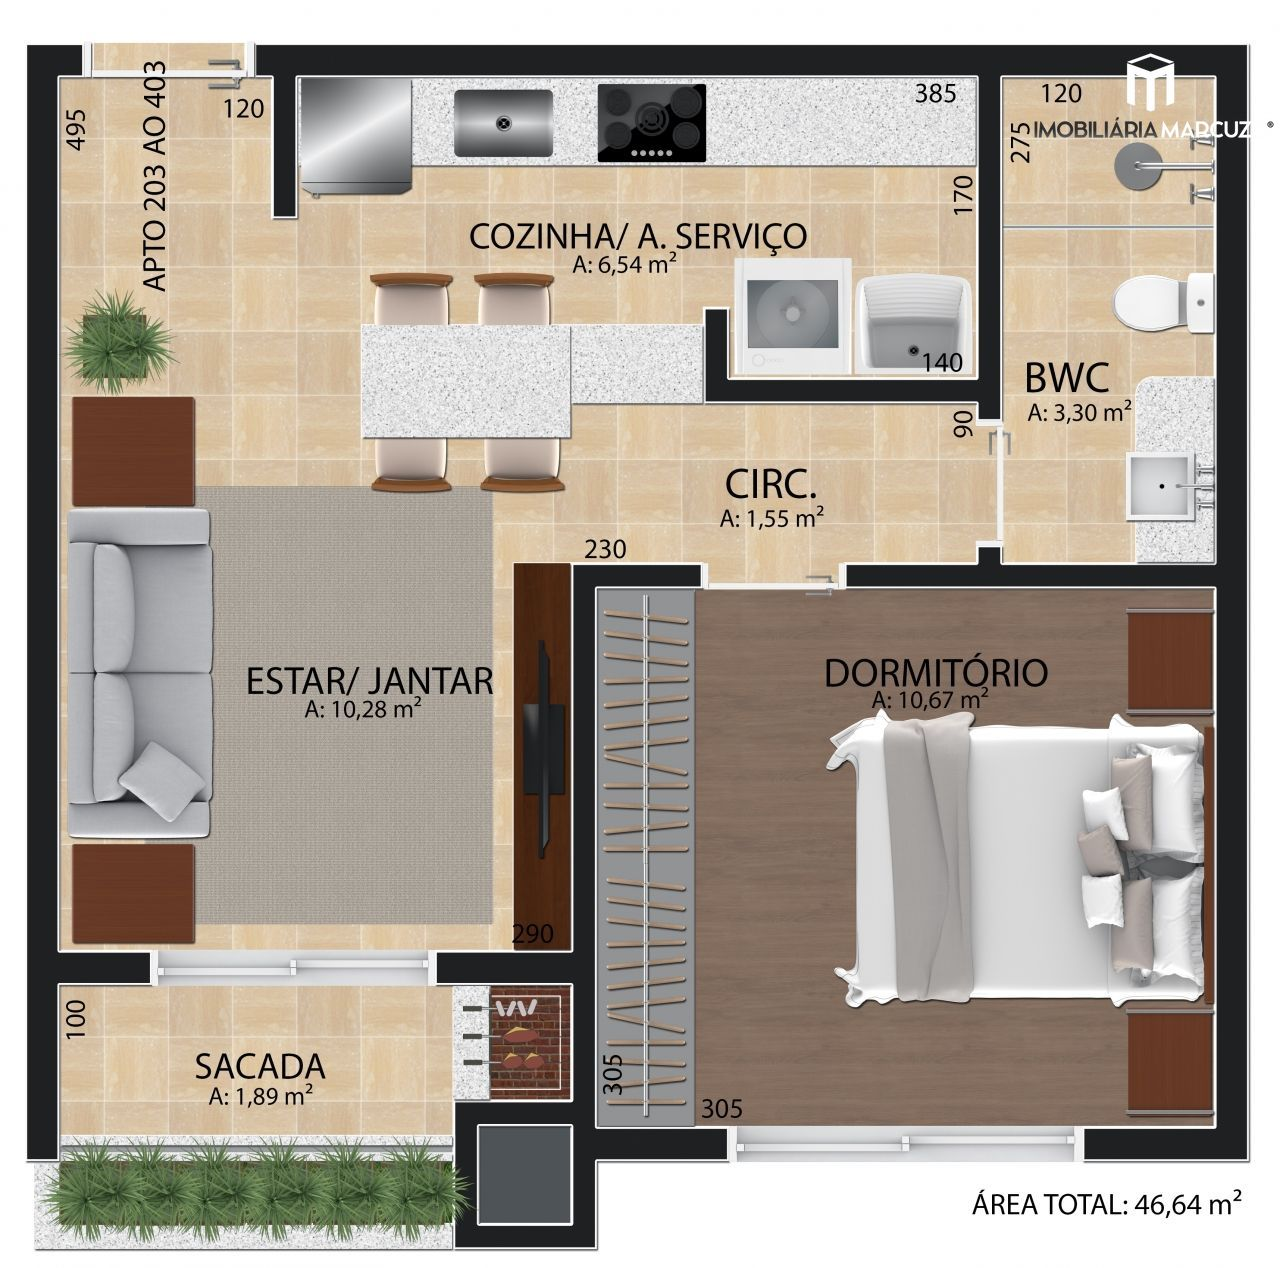 Apartamento com 1 Dormitórios à venda, 47 m² por R$ 175.000,00